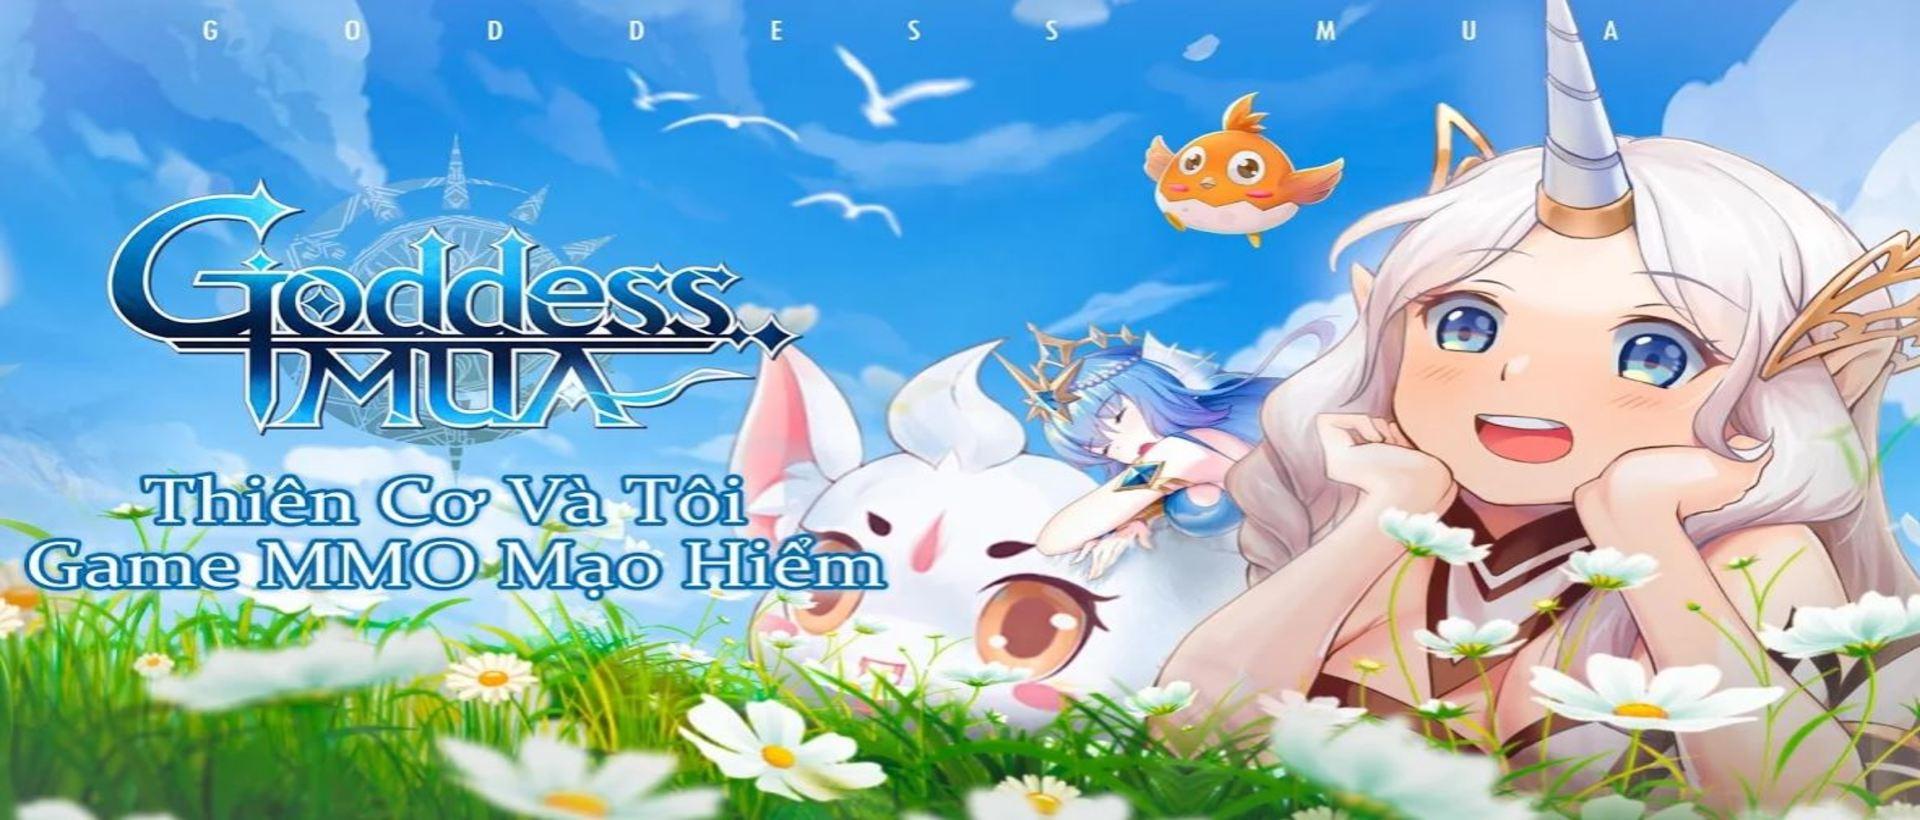 Goddess MUA: Nụ Hôn Nữ Thần - Phượng Hoàng